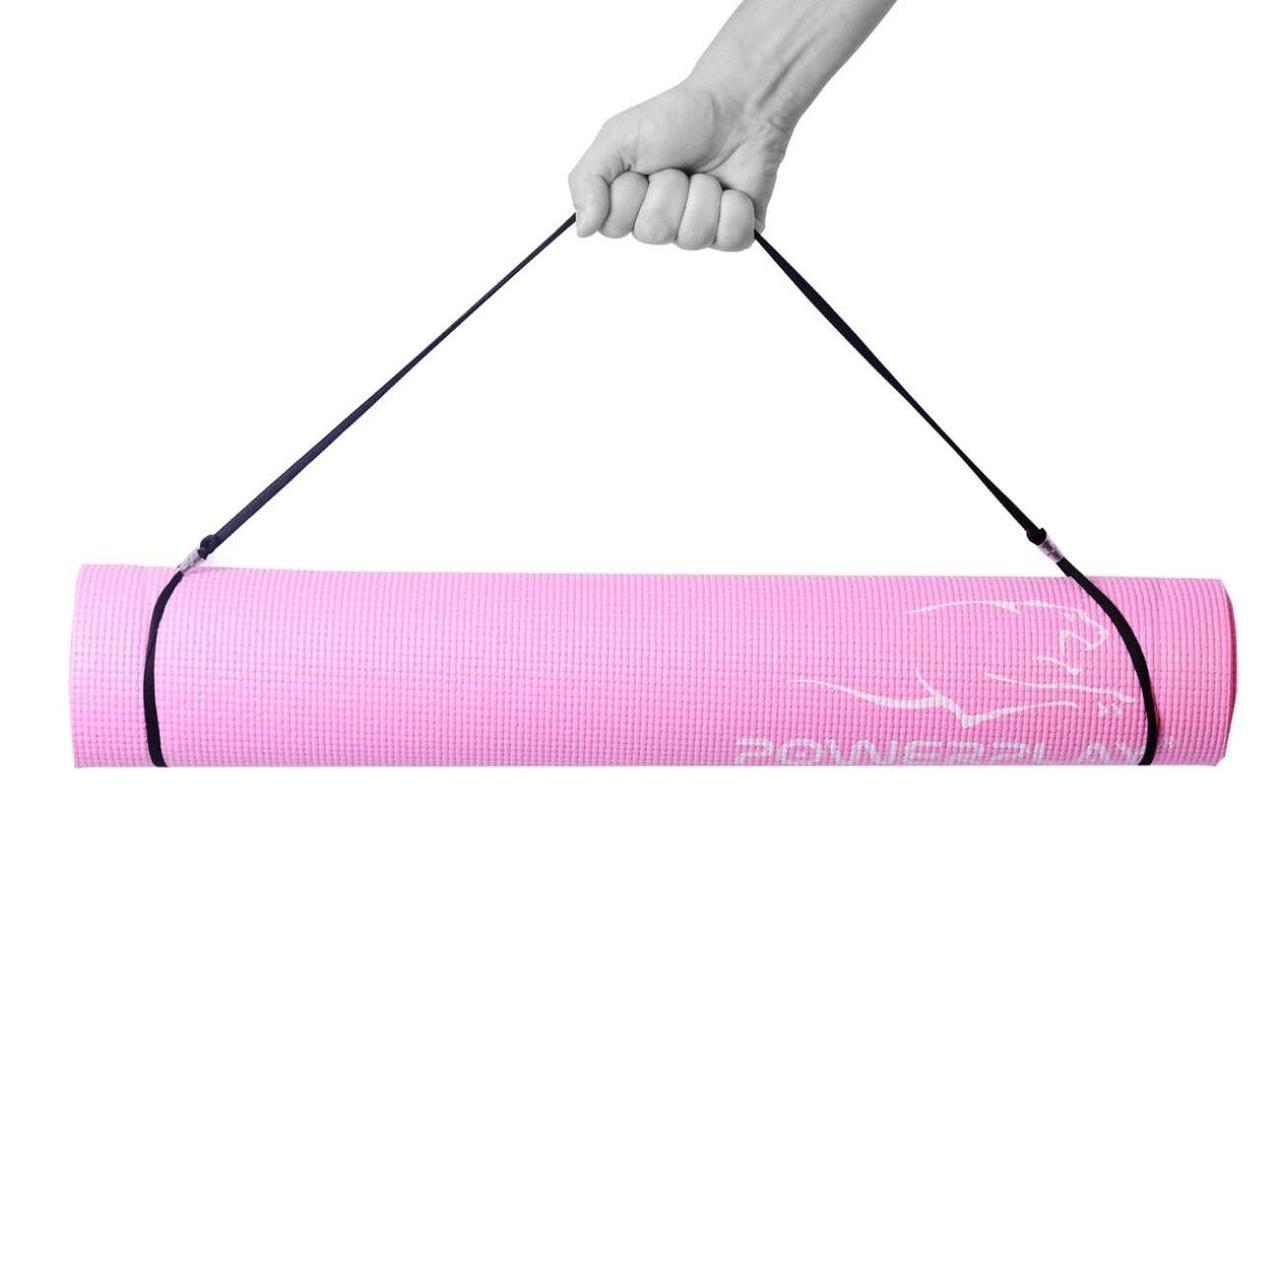 Килимок для фітнесу і йоги 4010, 173х61х0,4 Розовий R143781